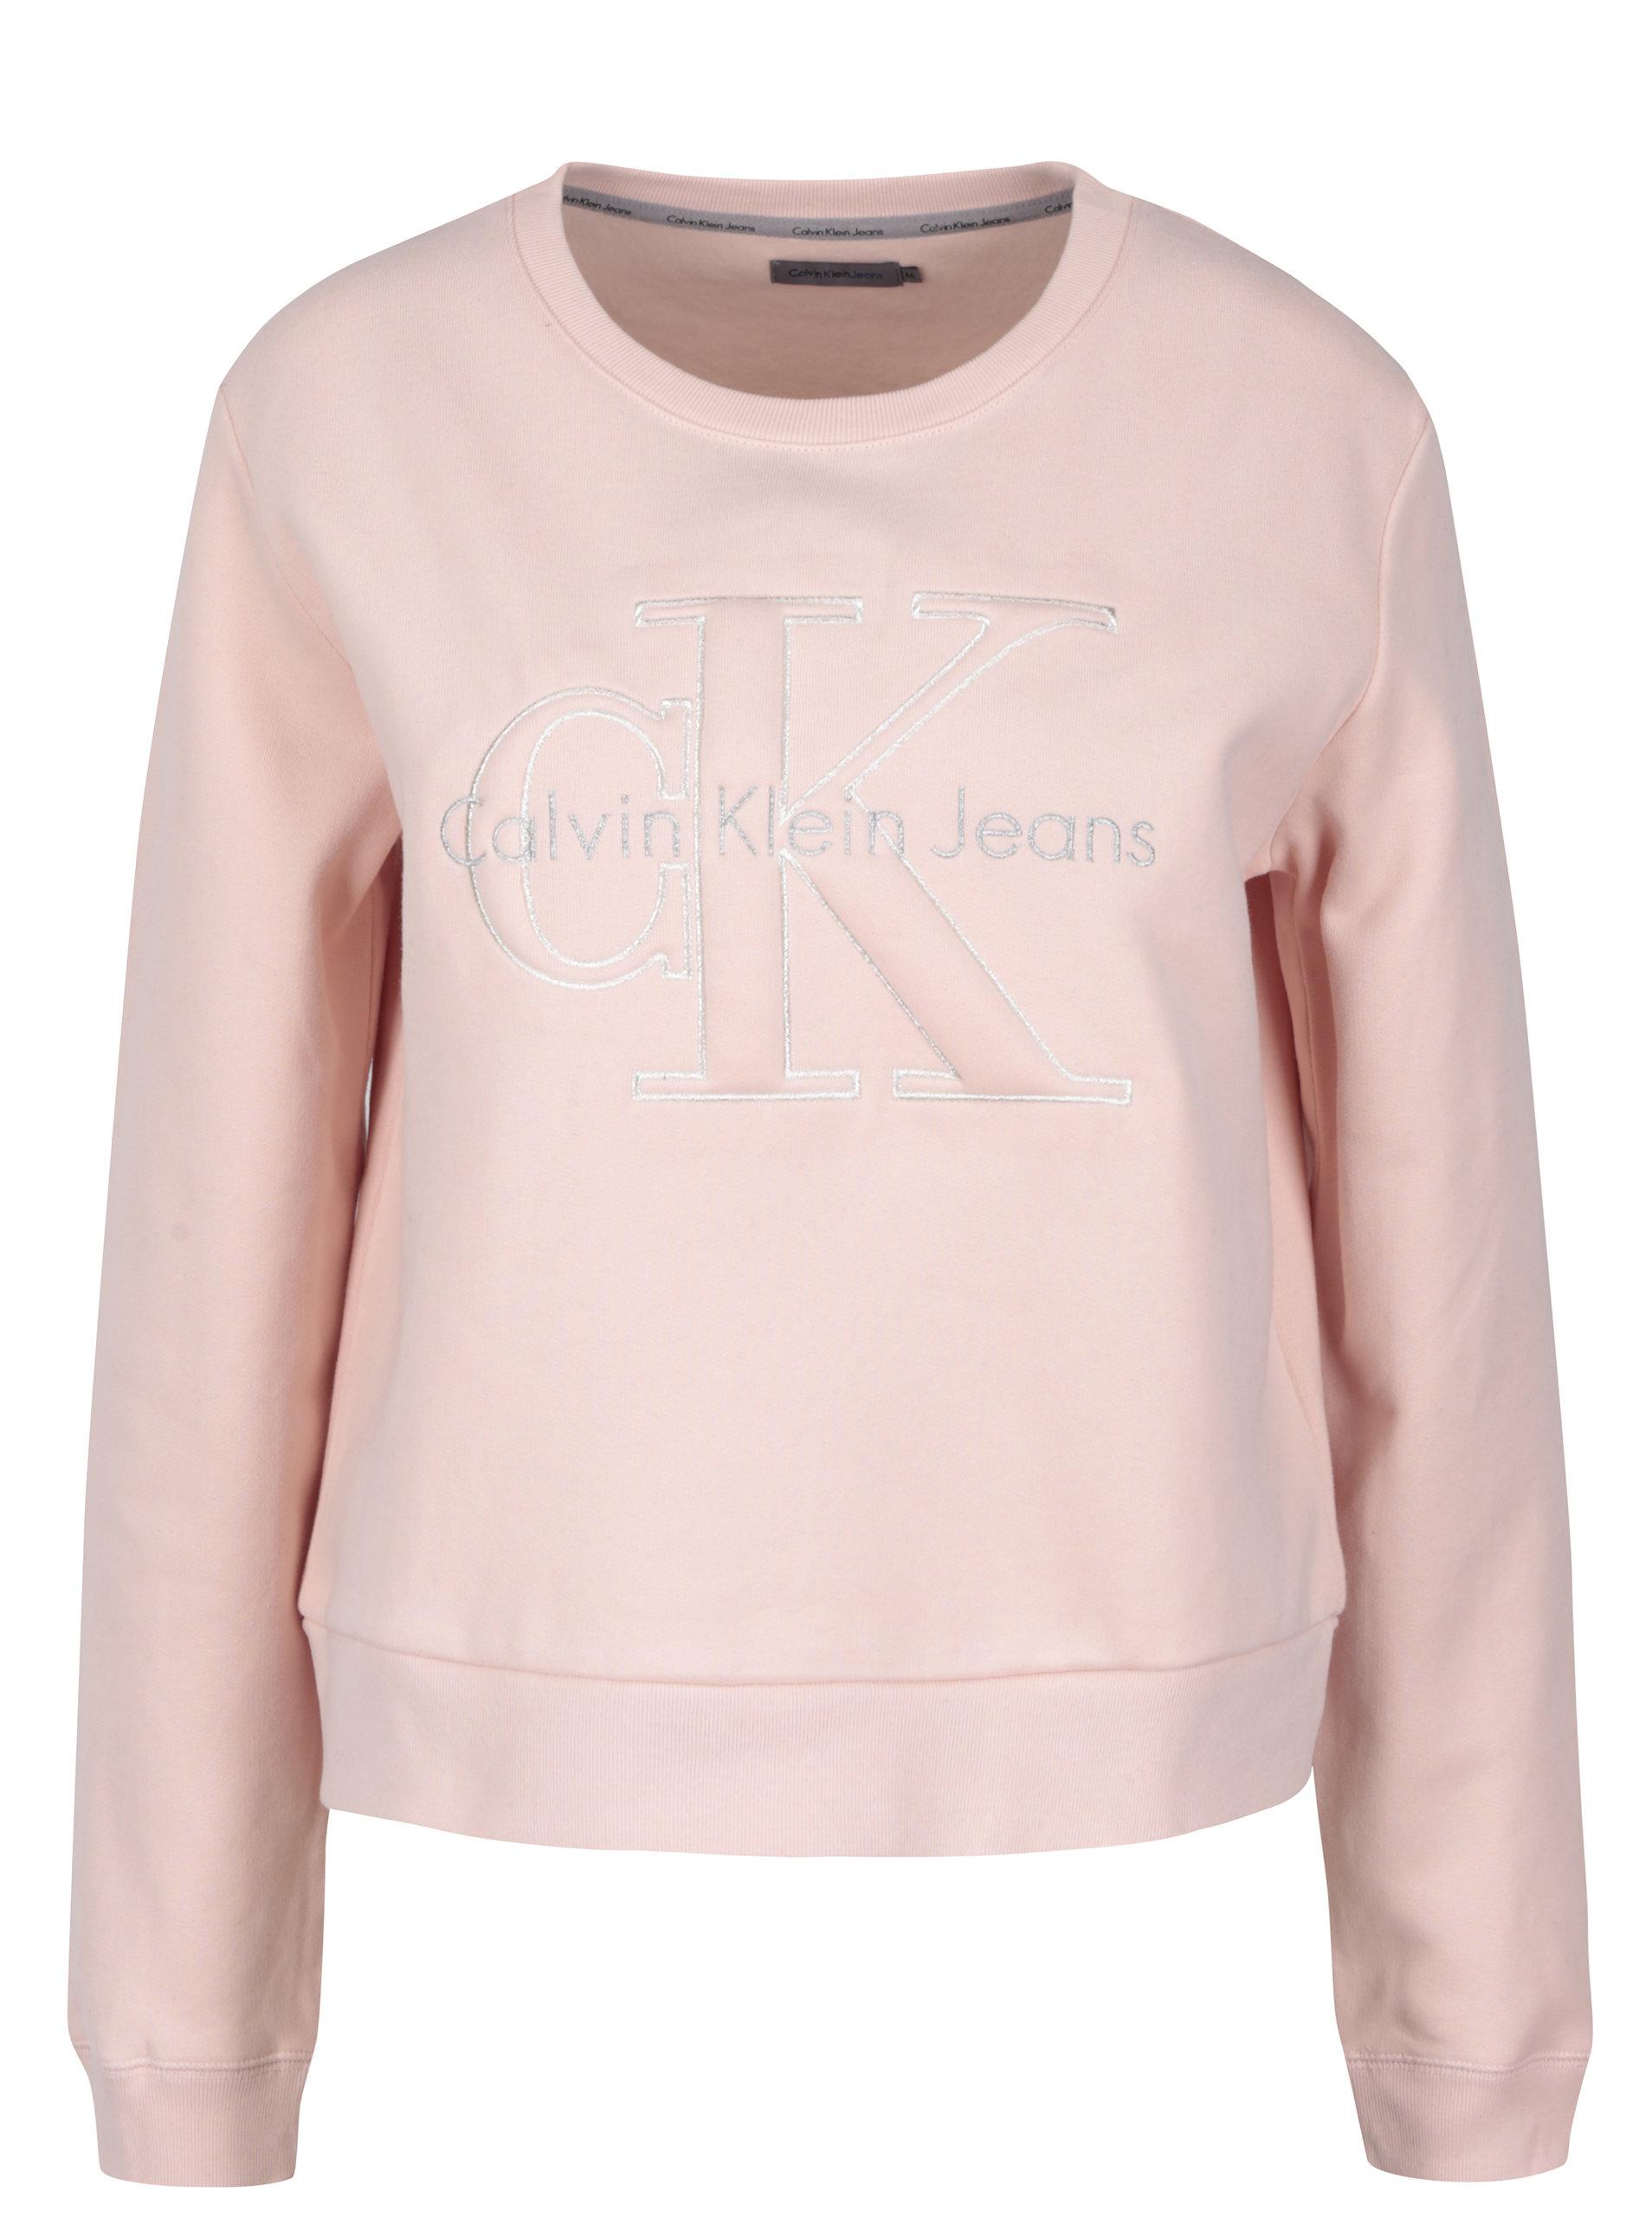 2e17c415a72 Světle růžová dámská mikina s výšivkou Calvin Klein Jeans Harper ...